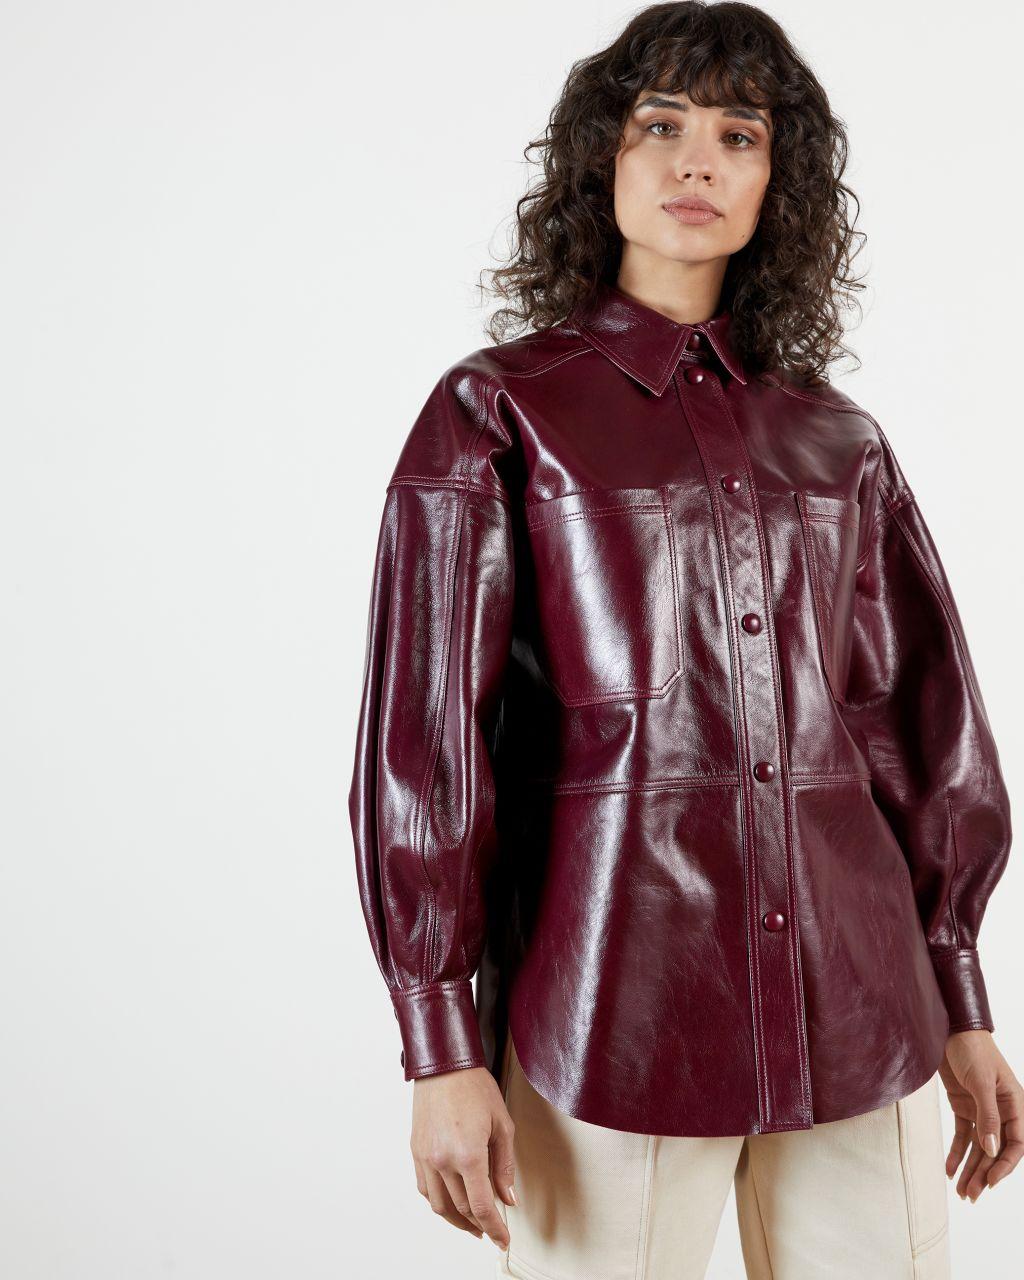 Leather Shacket